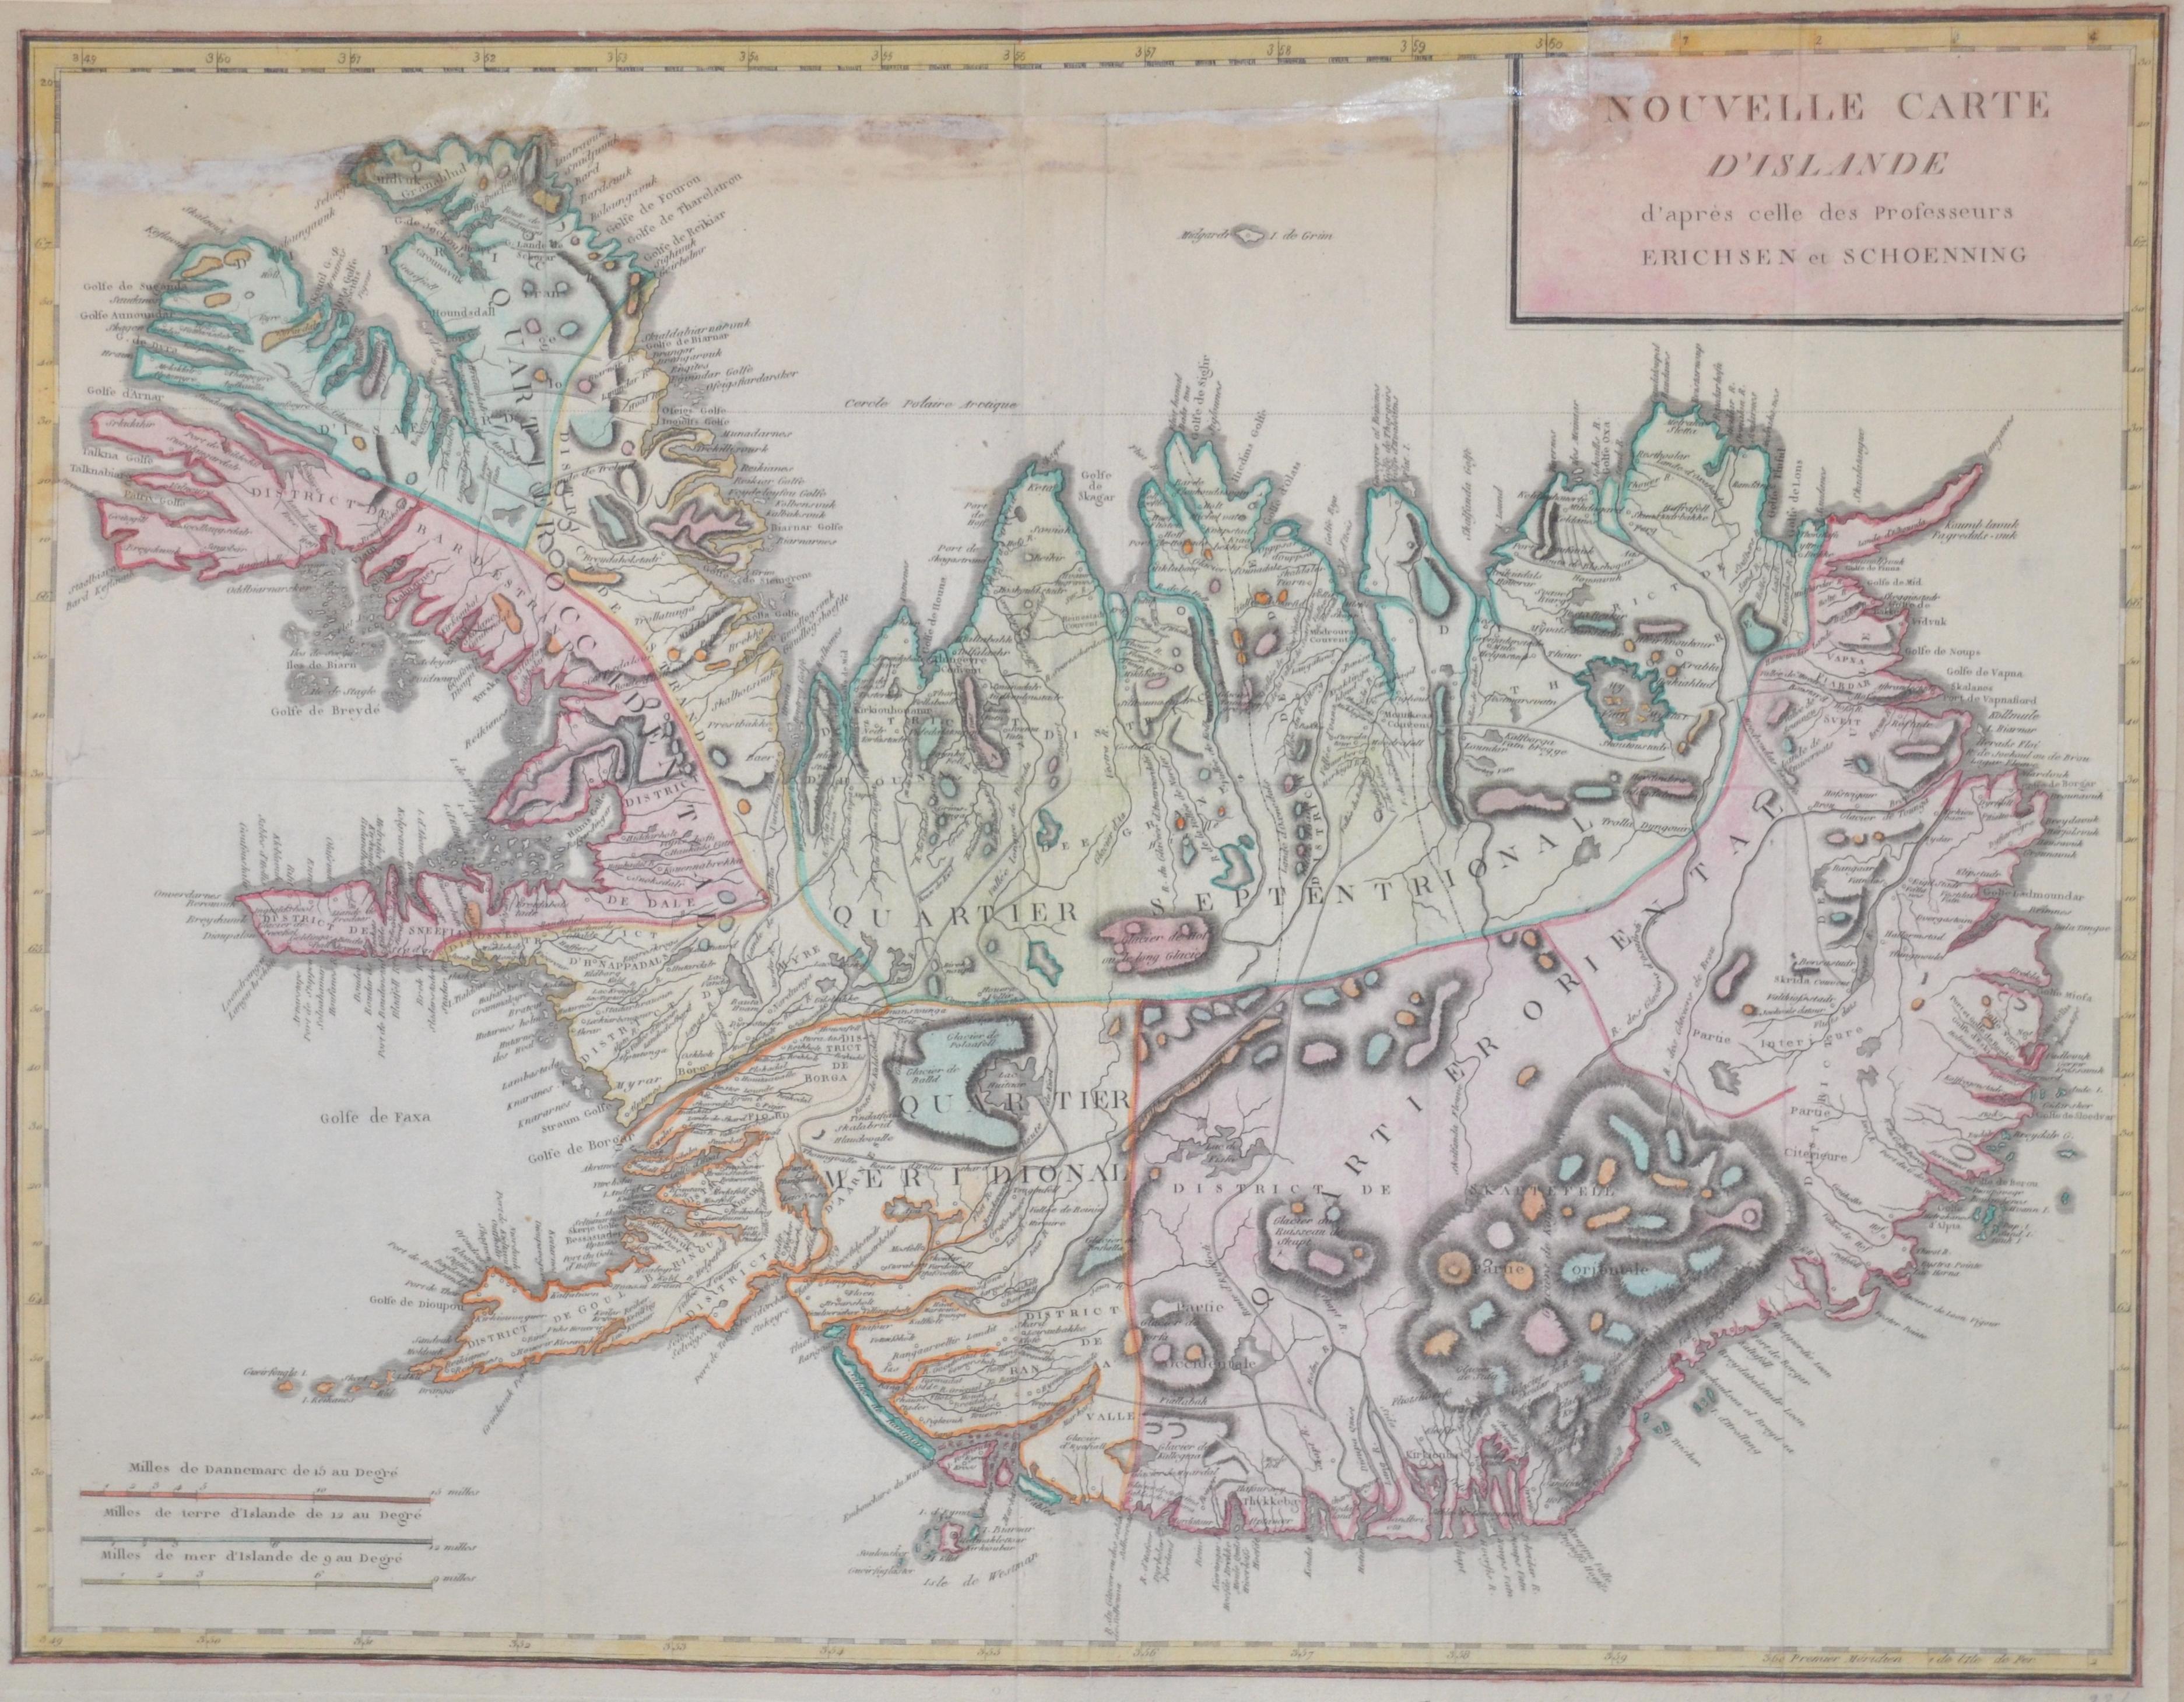 Danoise  Nouvelle Carte d' Islande d'après celle des Professeurs Erichsen et Schoenning